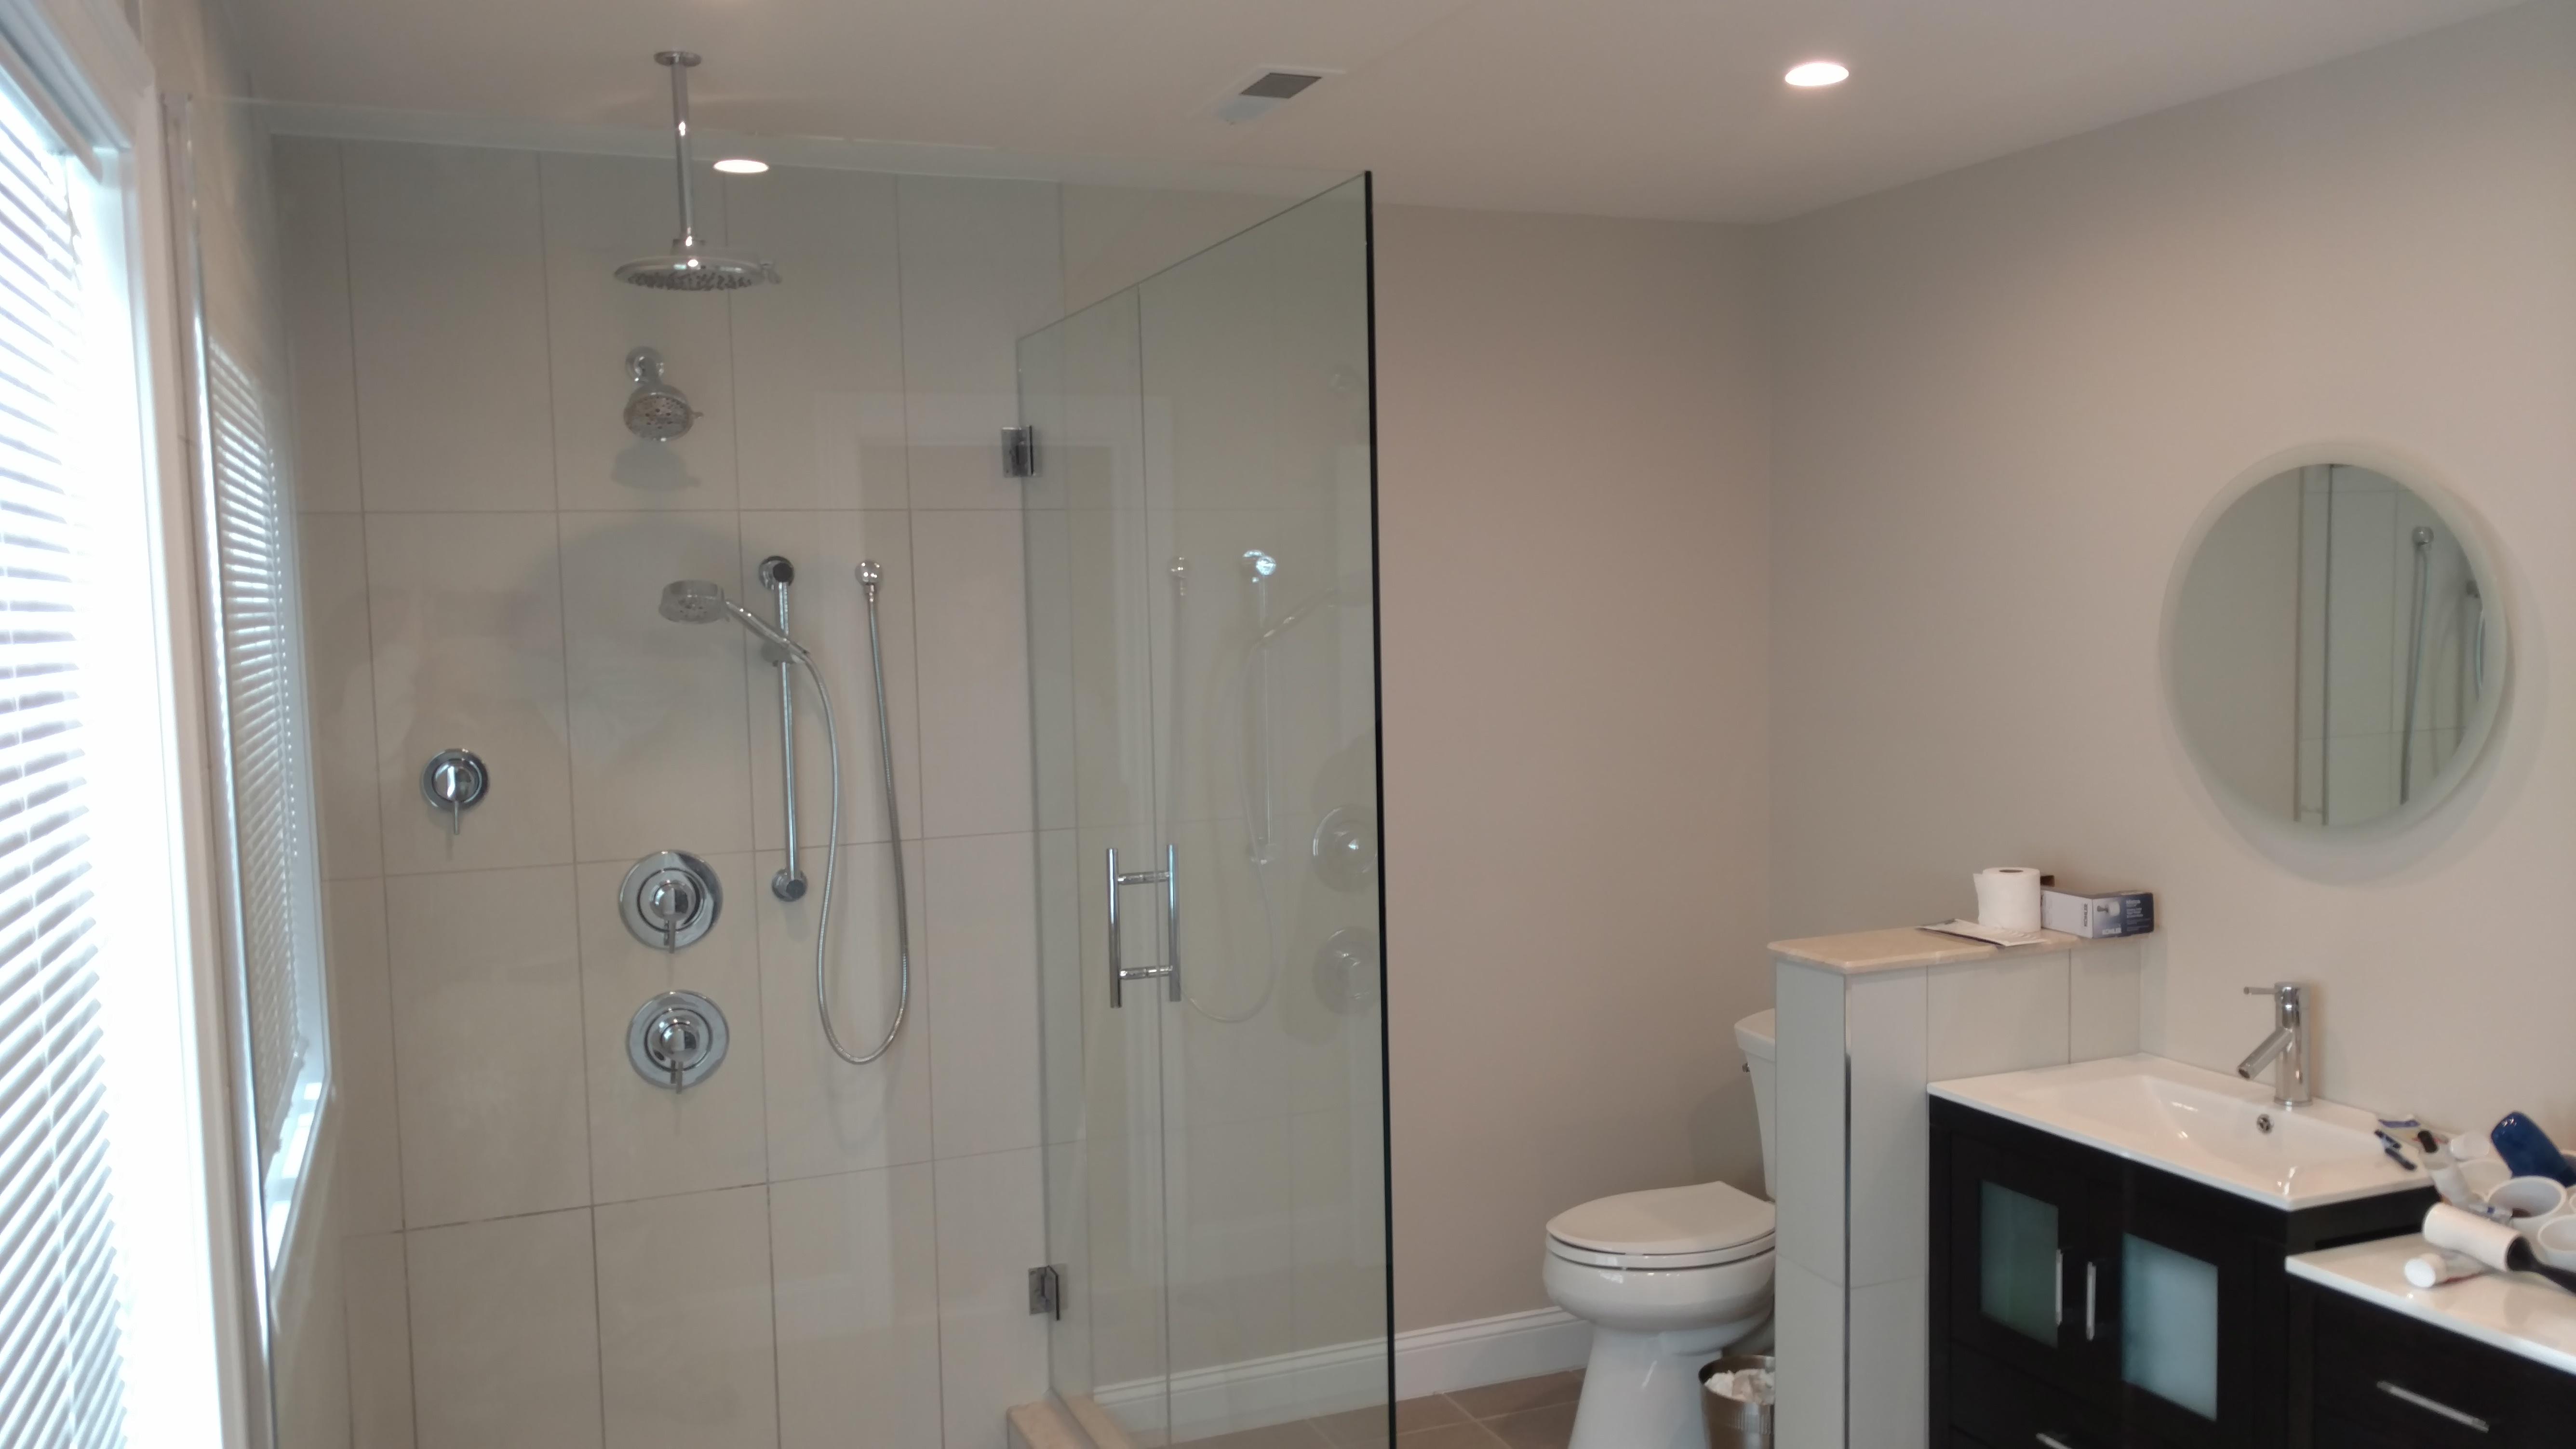 bathroom remodeling Prospect CT | Alan Dinsmoor Contracting